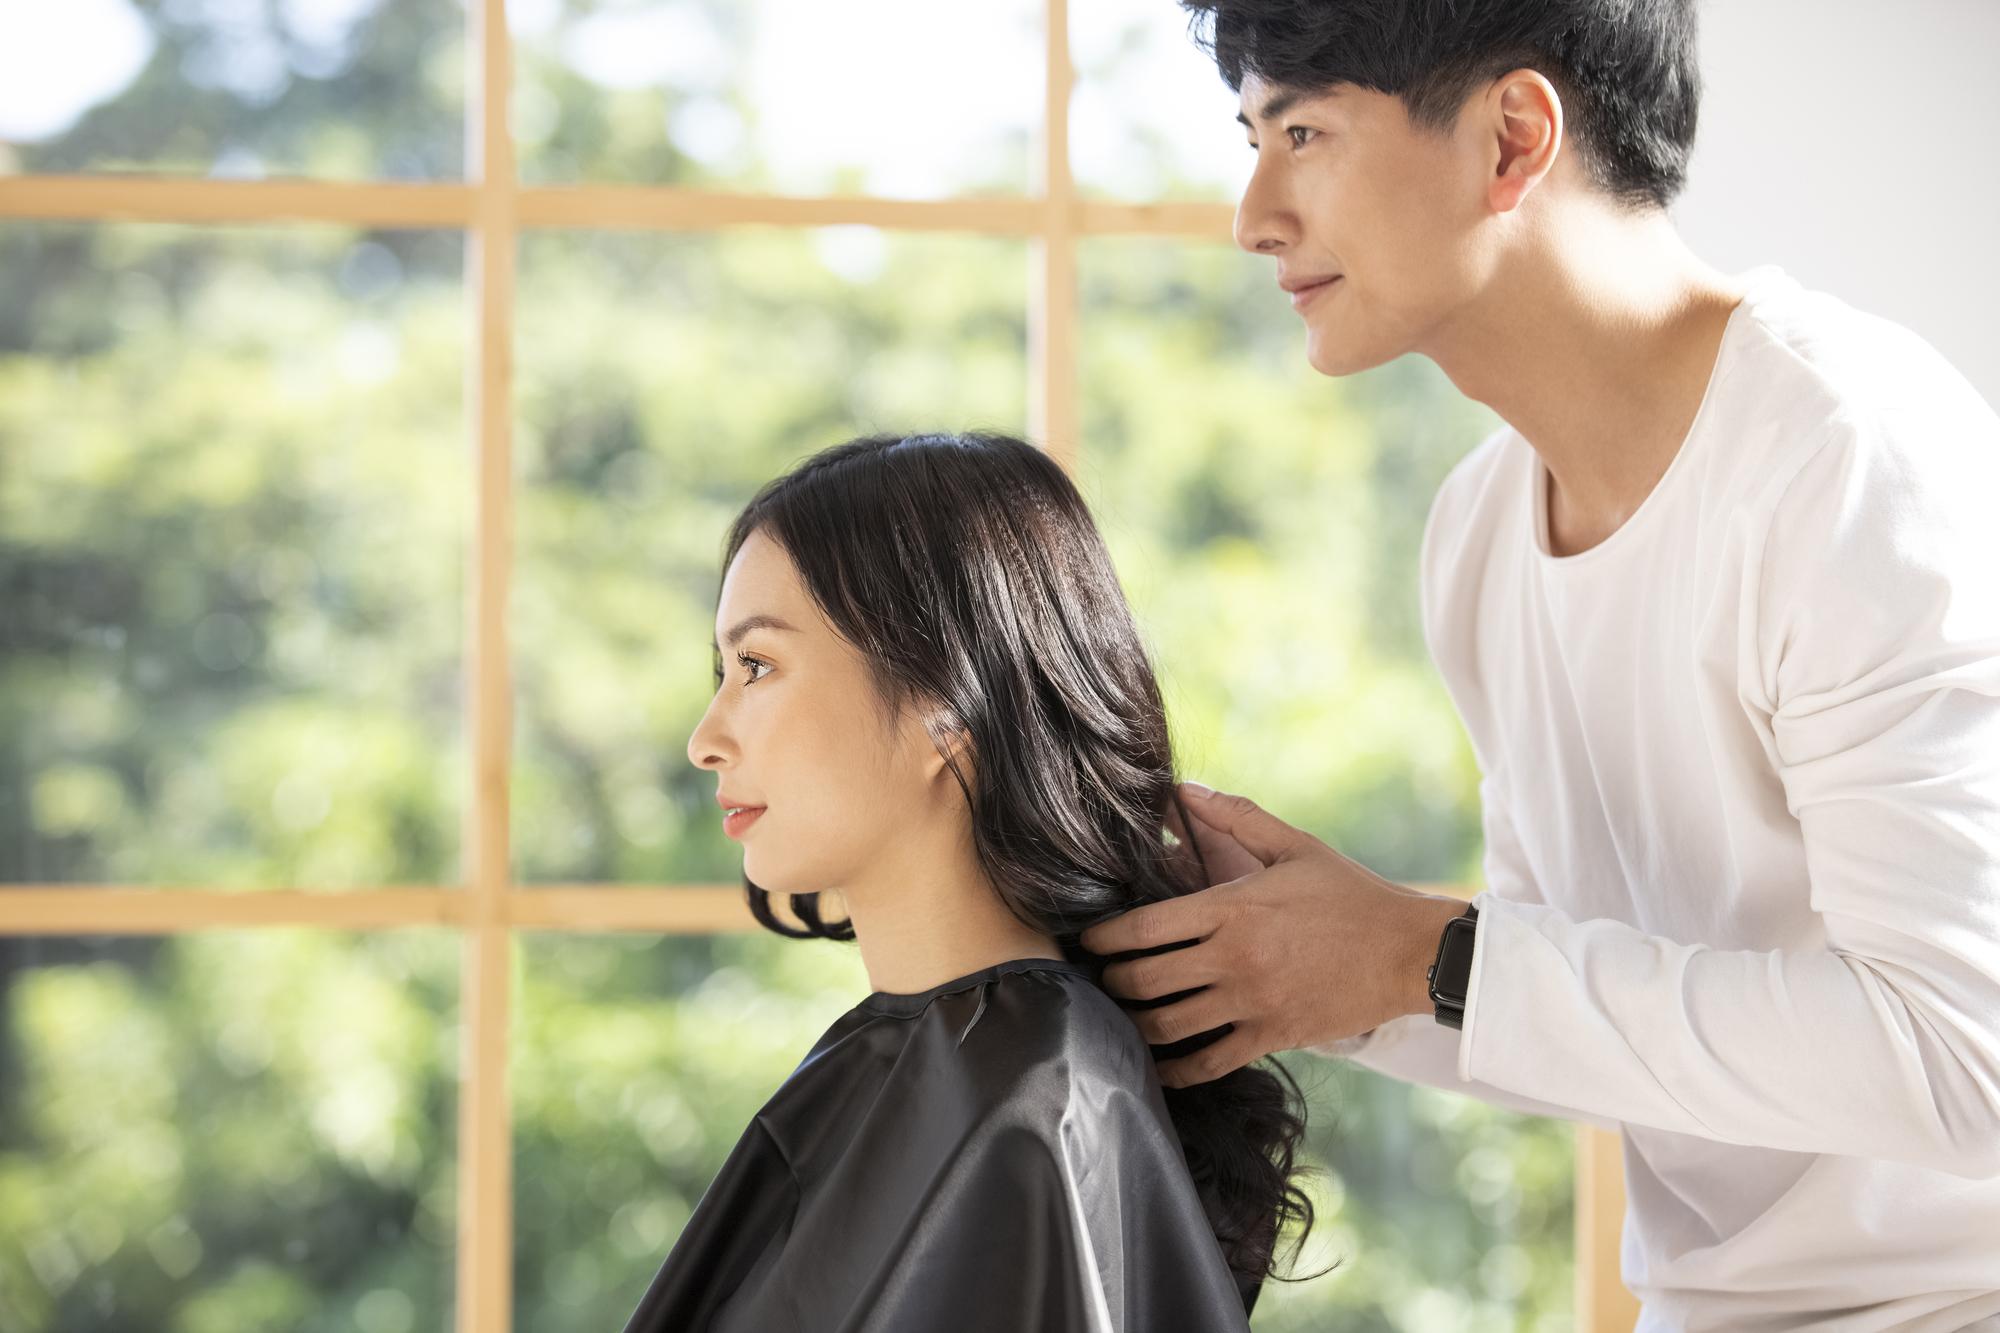 美容師の業務委託とは?必要な手続きやメリット・デメリットを紹介